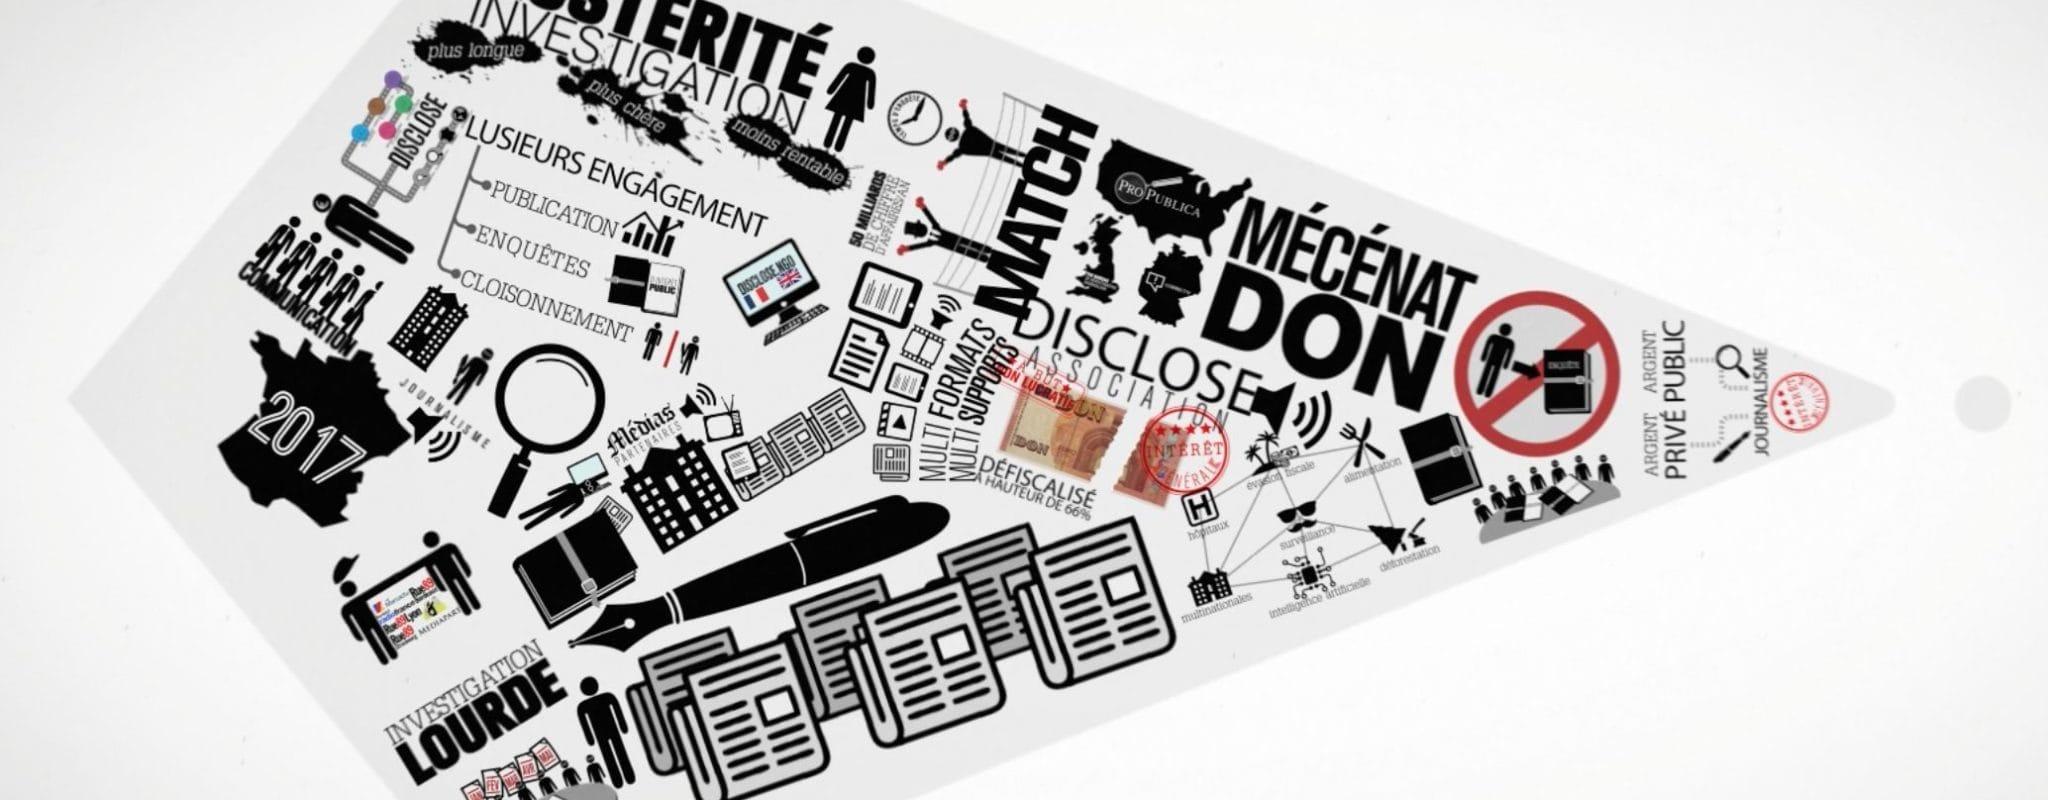 L'information est un bien public, soutenez le lancement de Disclose